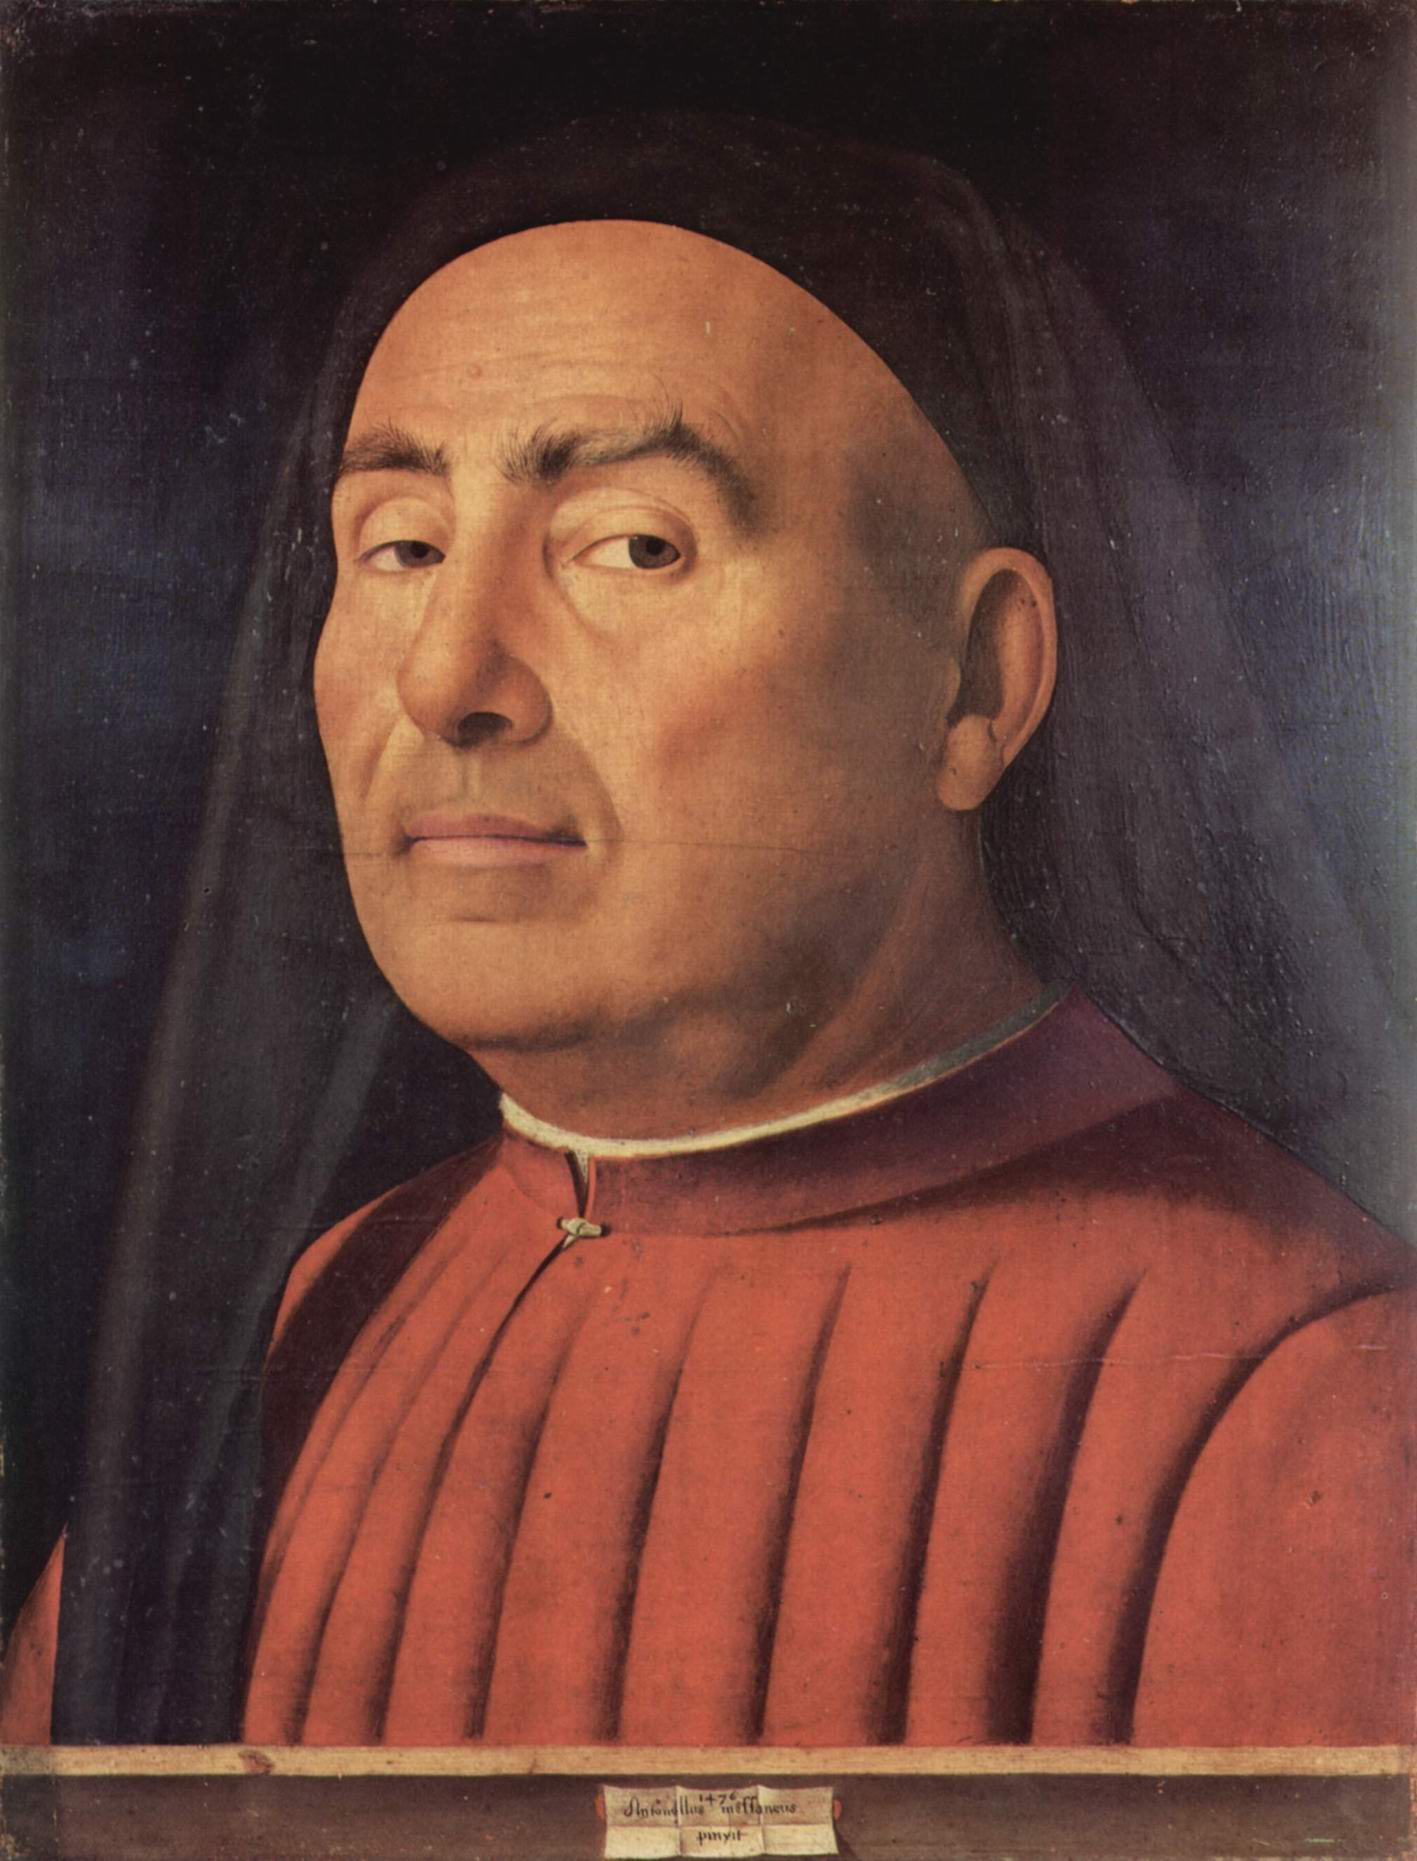 Портрет мужчины (Тривульцио ди Милано2a28, Антонелло да Мессина